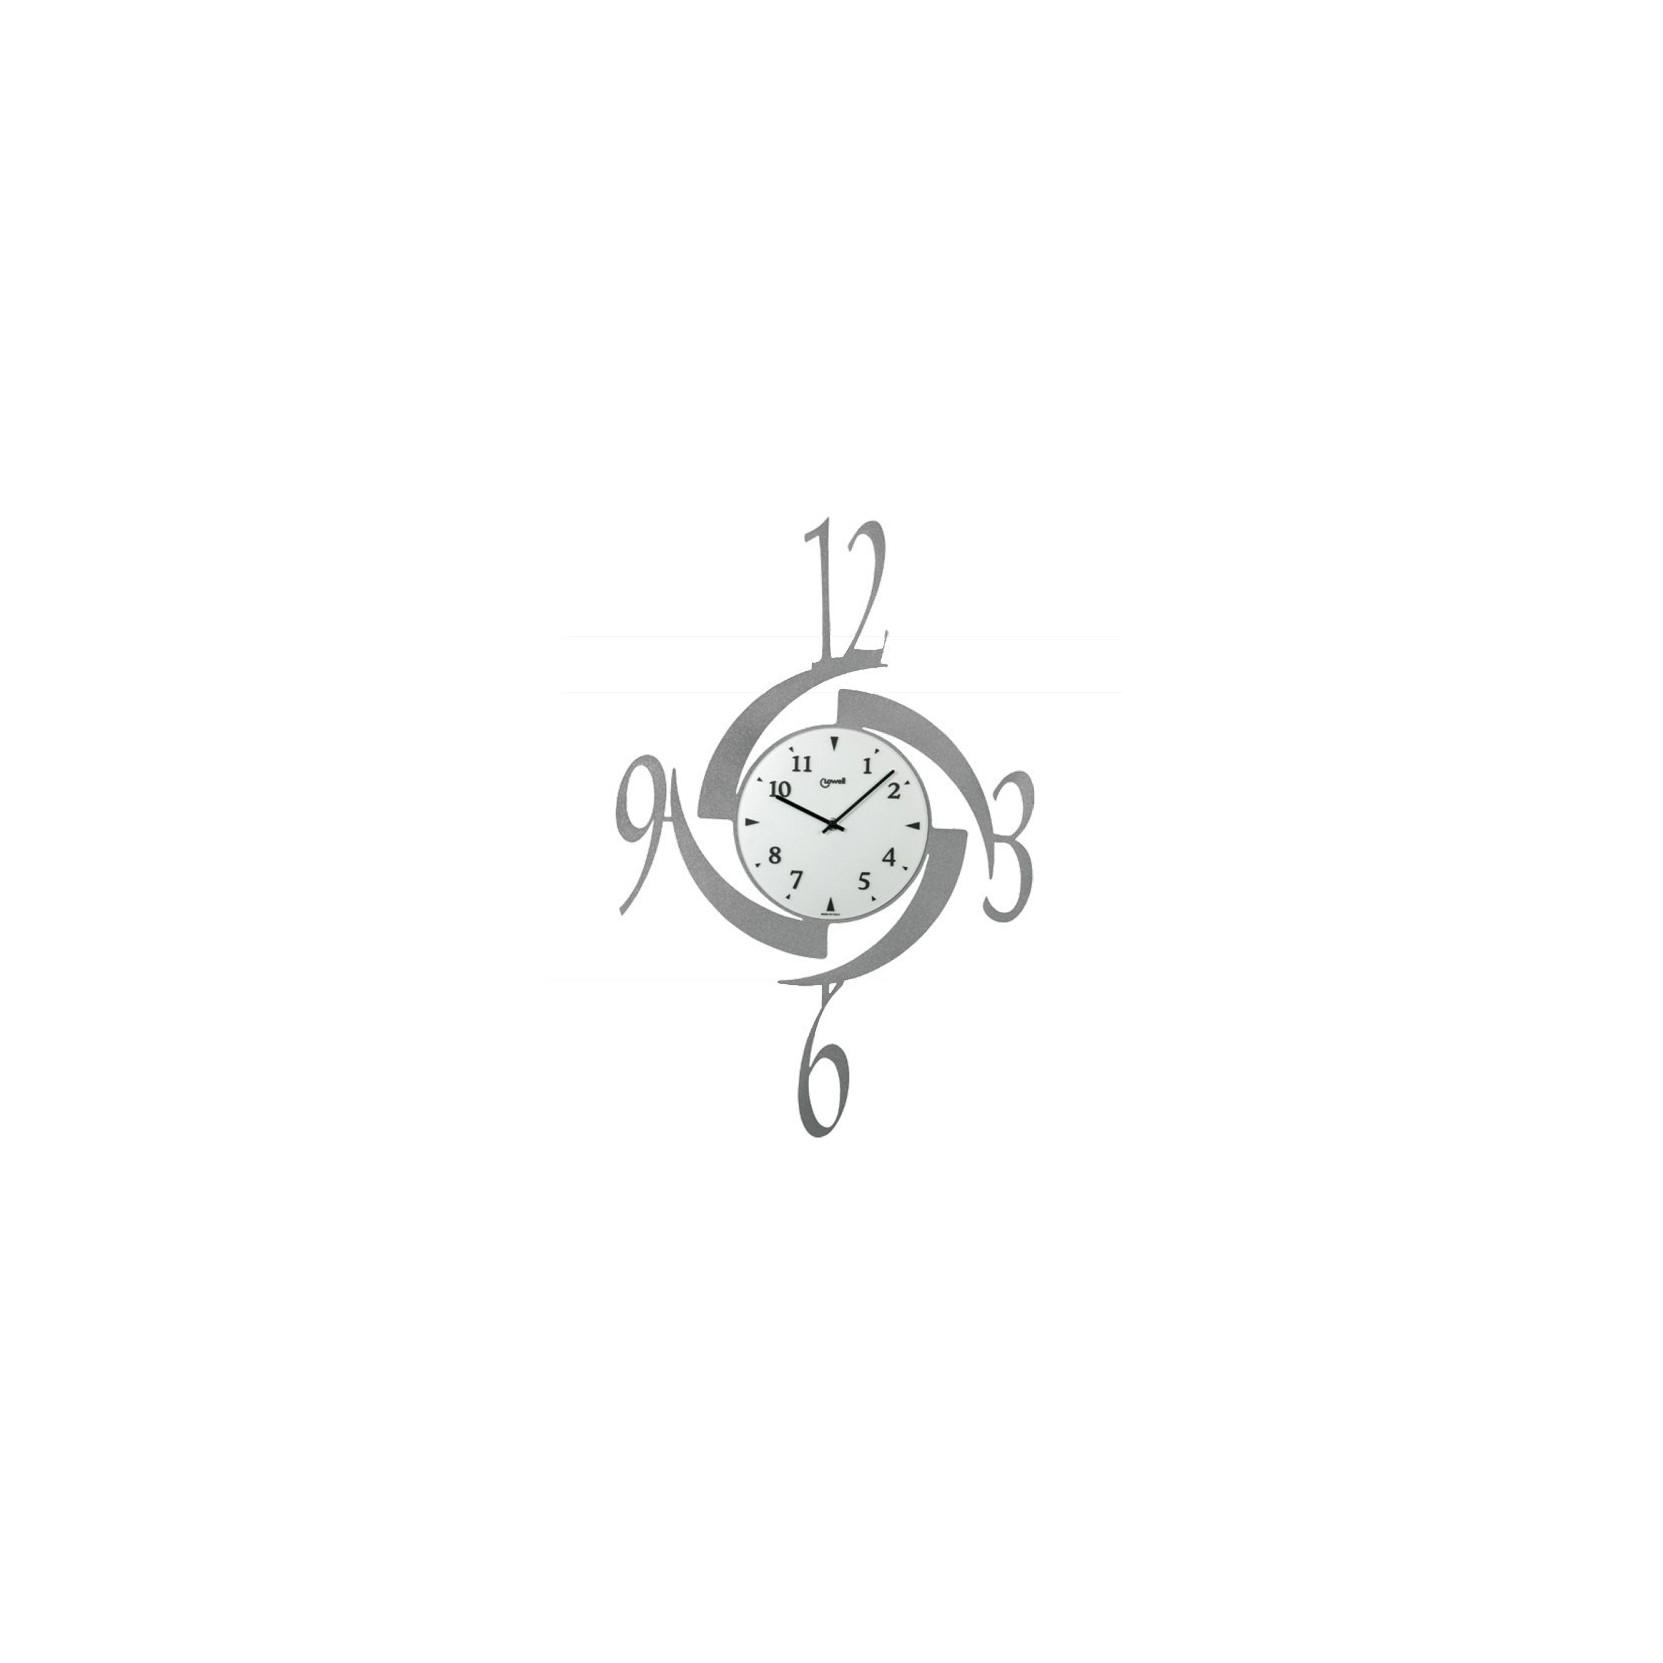 orologio da parete muro moderno tondo in metallo grigio